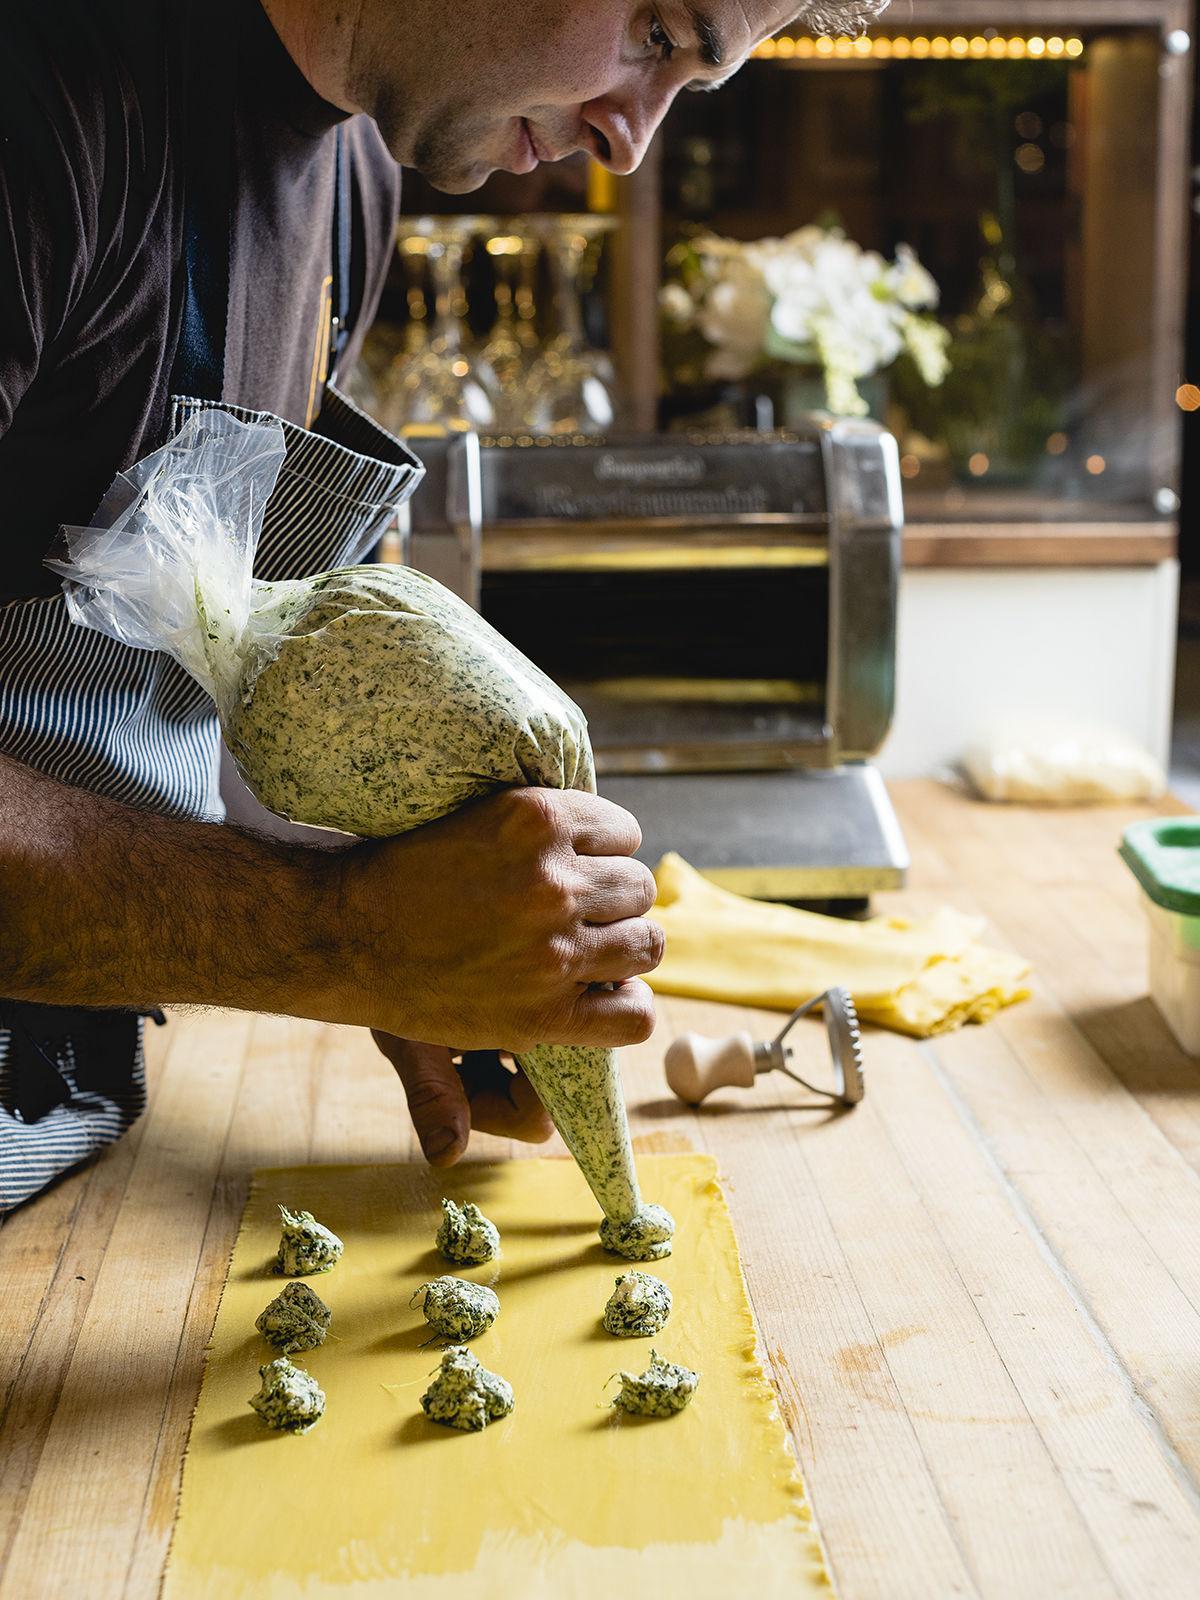 Cori Pastificio / Making Ravioli